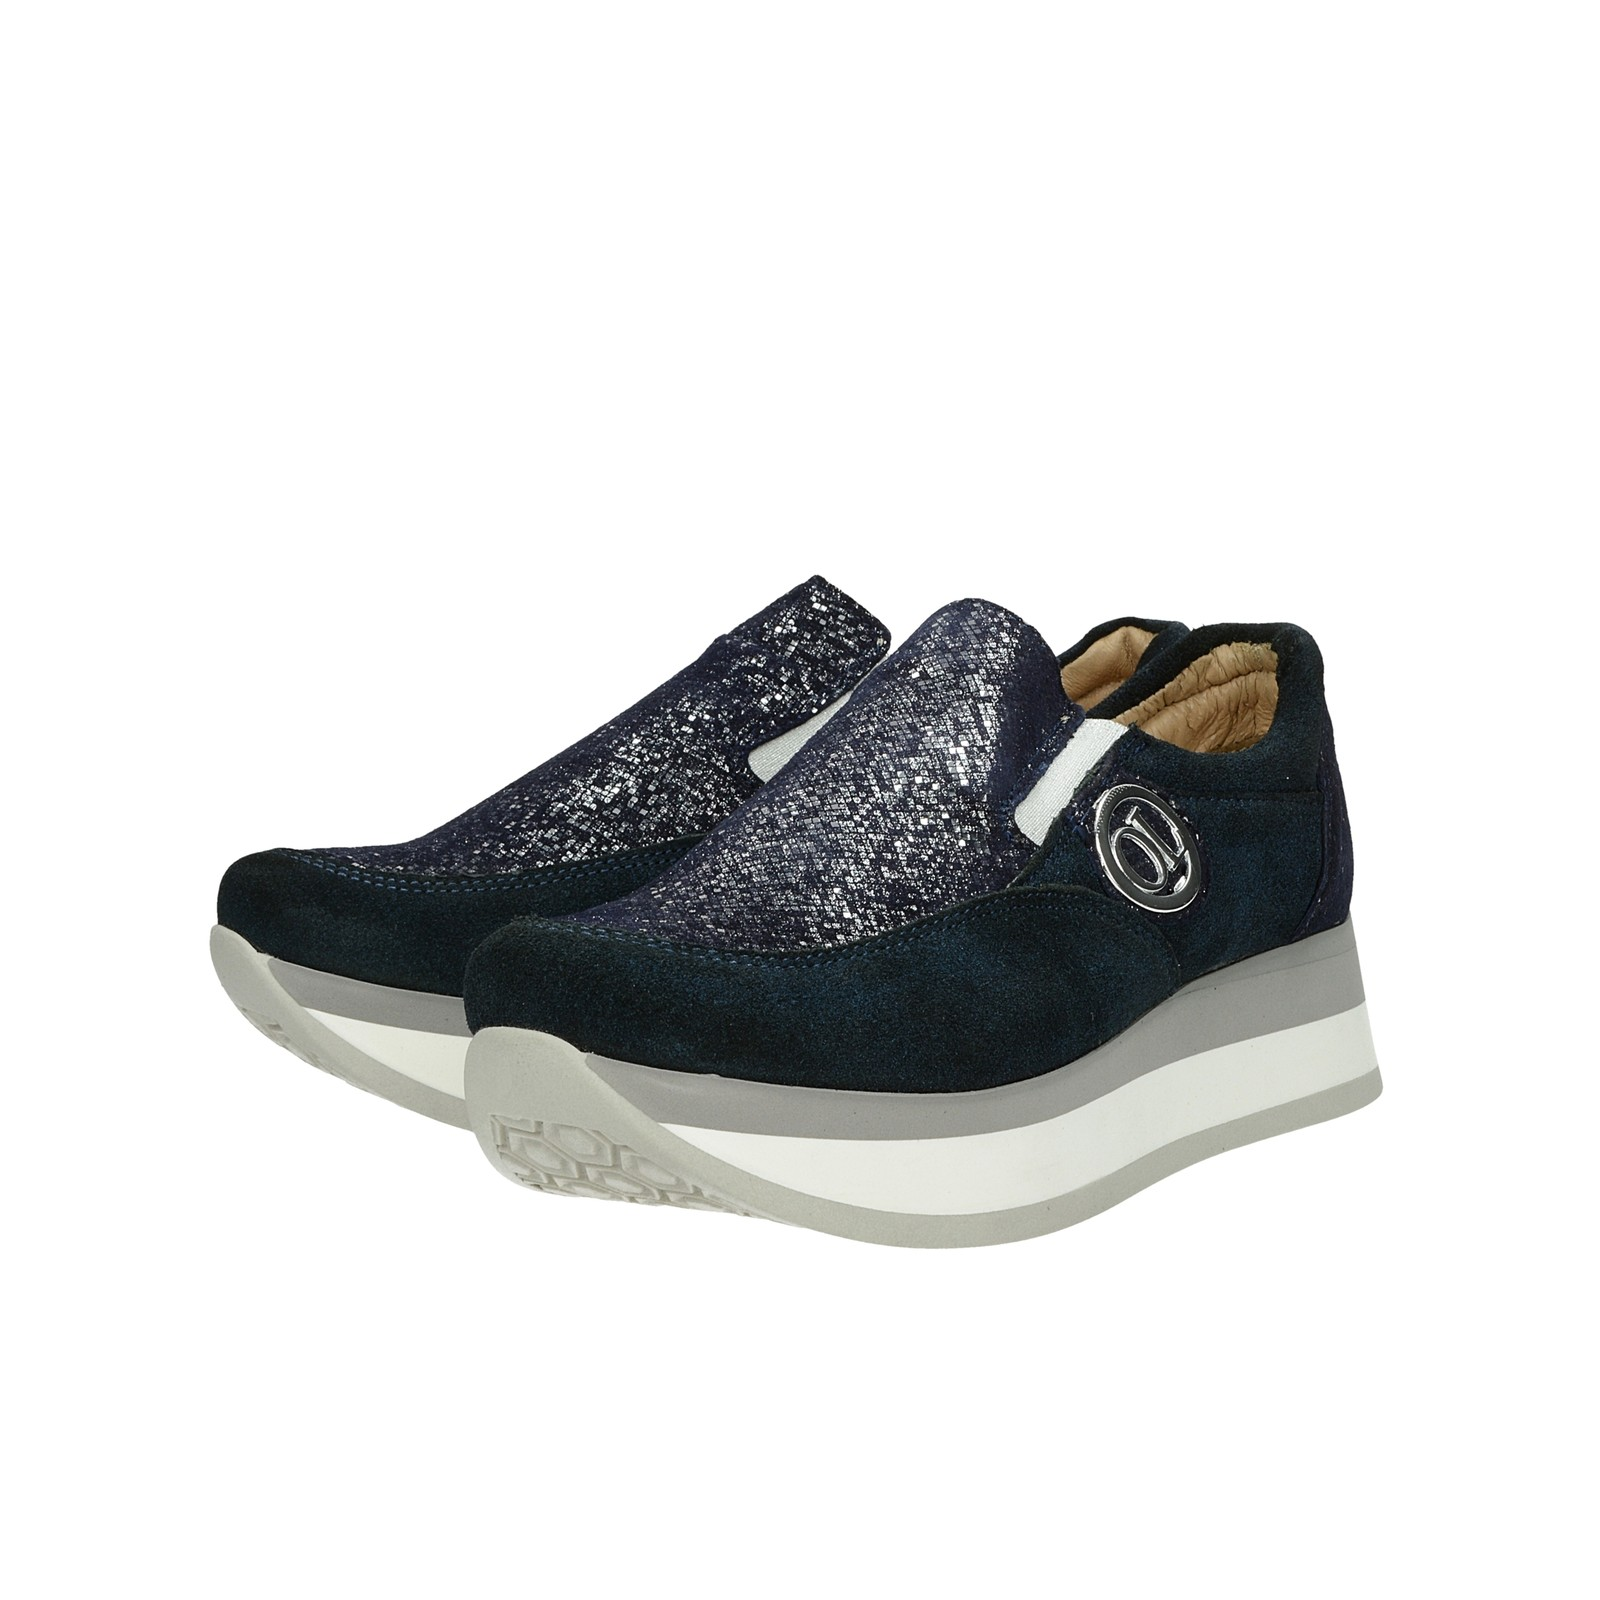 5551591f39ff ... Olivia shoes dámske kožené poltopánky na platforme - tmavomodré ...